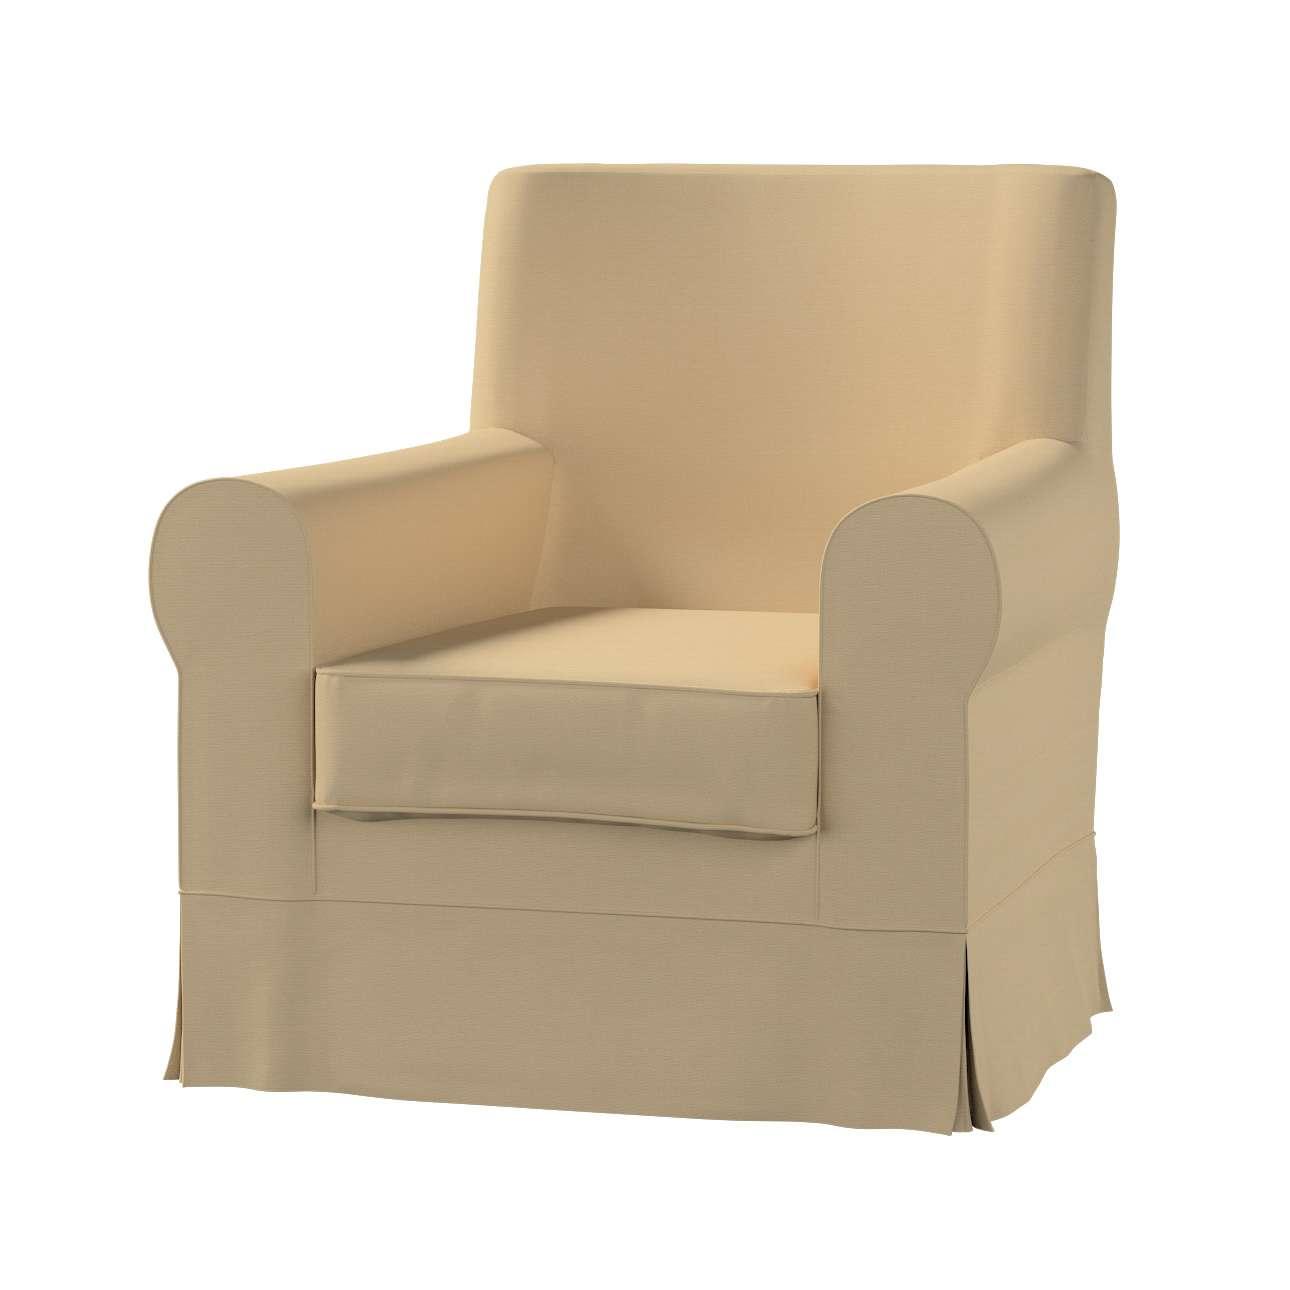 Pokrowiec na fotel Ektorp Jennylund Fotel Ektorp Jennylund w kolekcji Cotton Panama, tkanina: 702-01